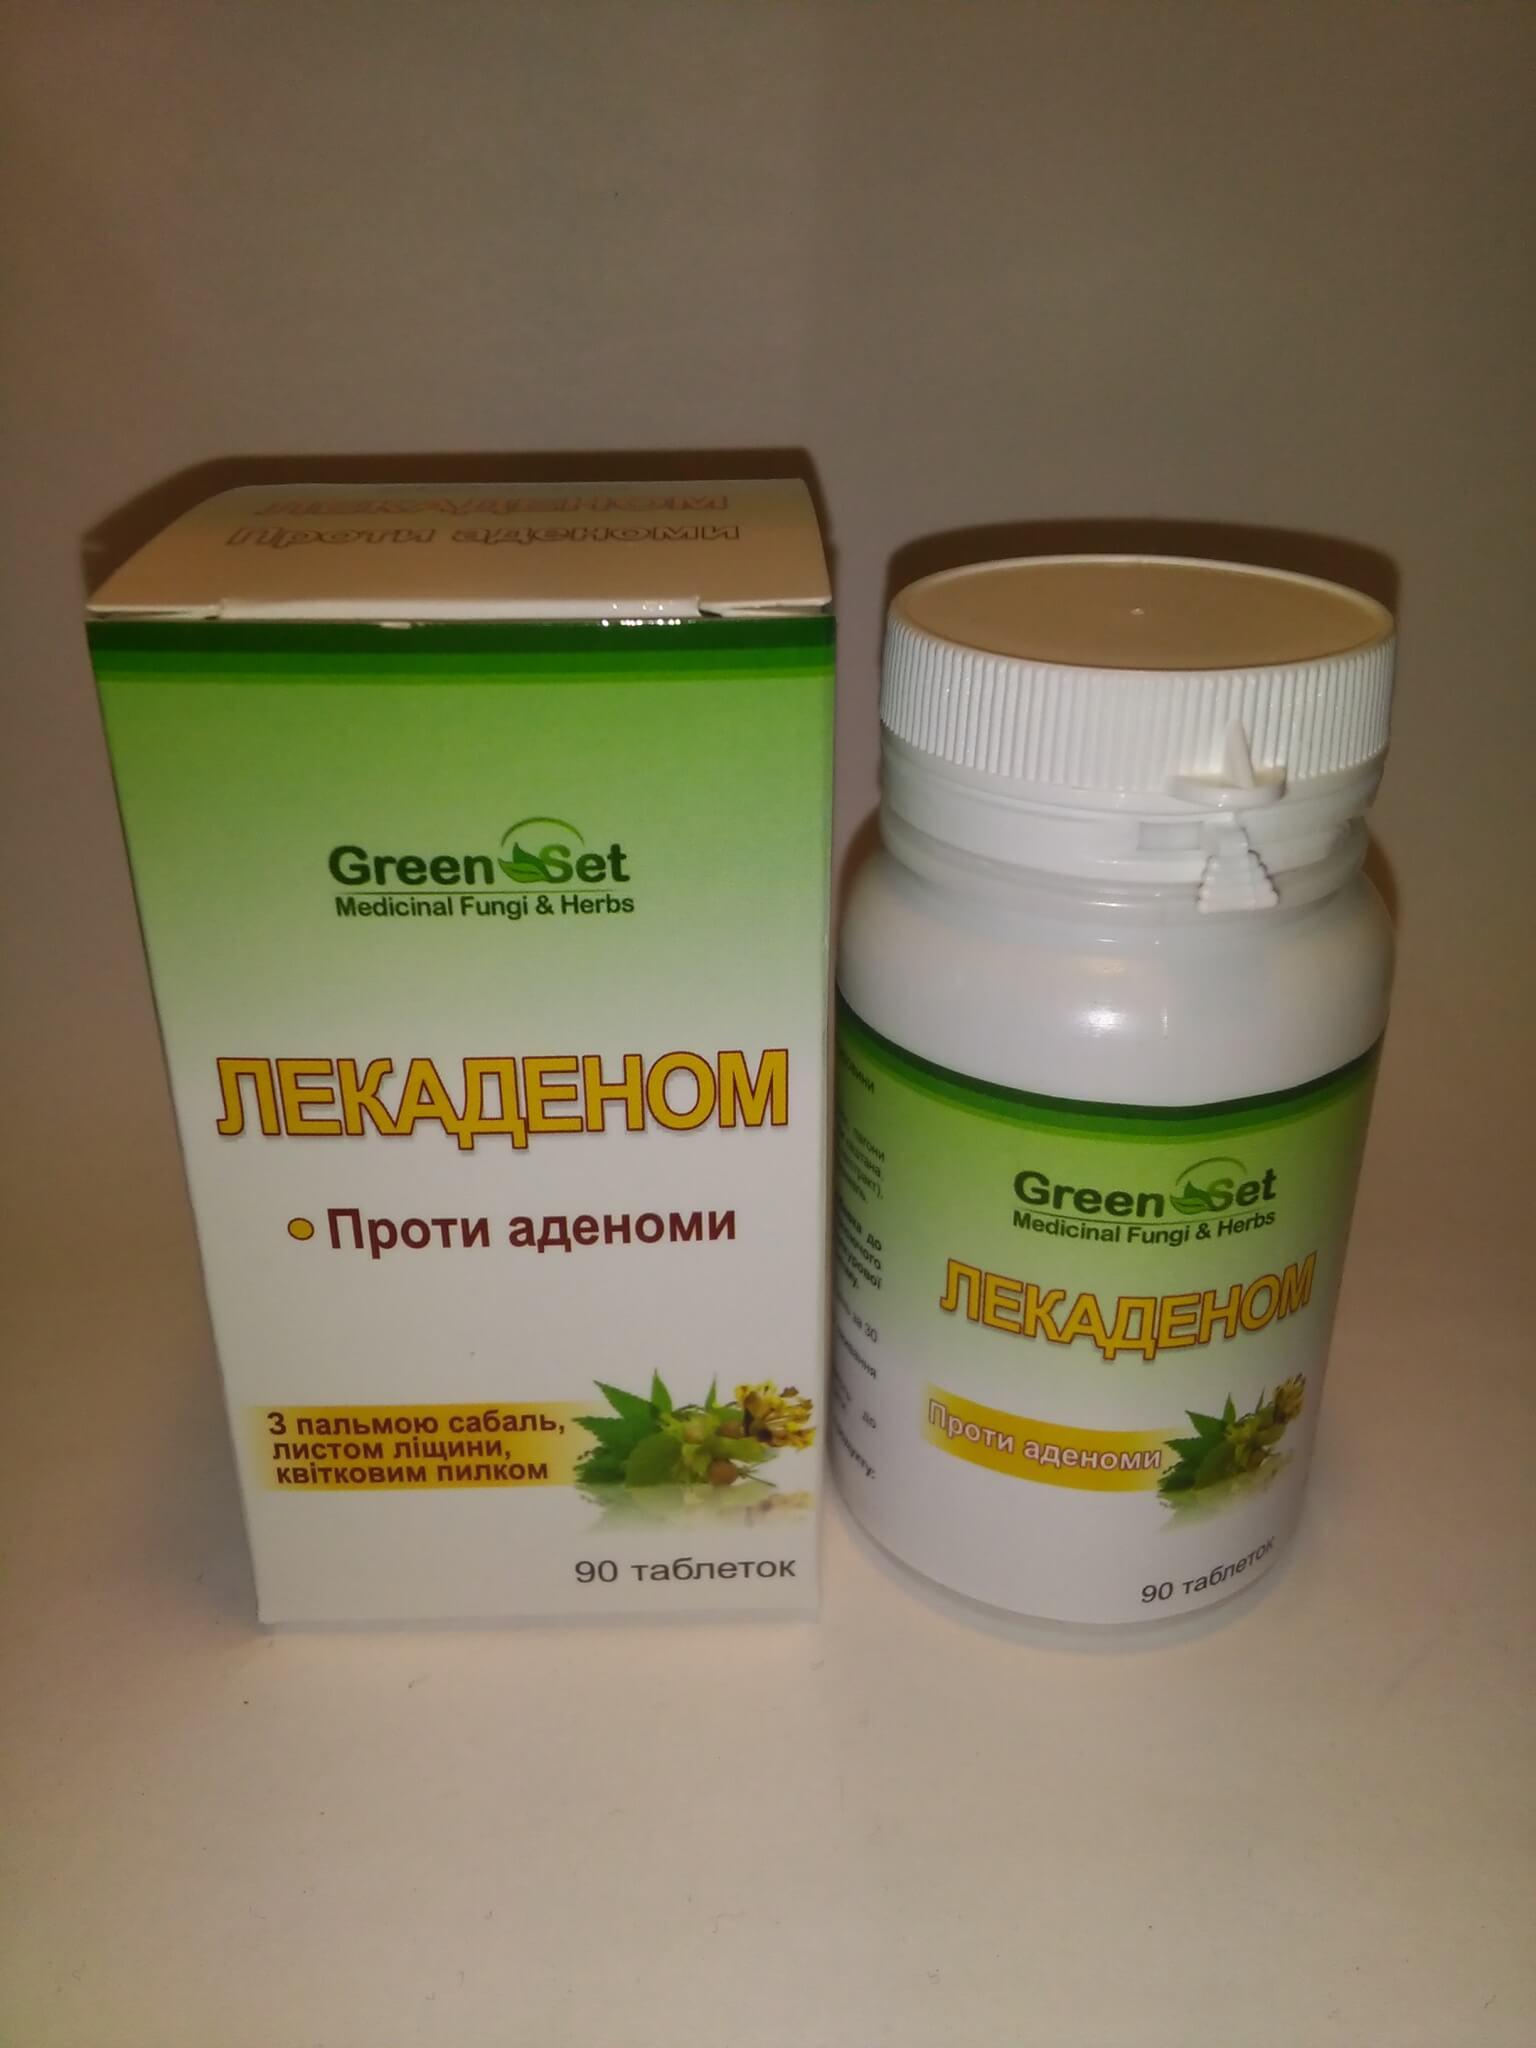 фитопрепарат Лекаденом против аденомы. Растительные таблетки направленные при терапии начальной стадии развития аденомы.